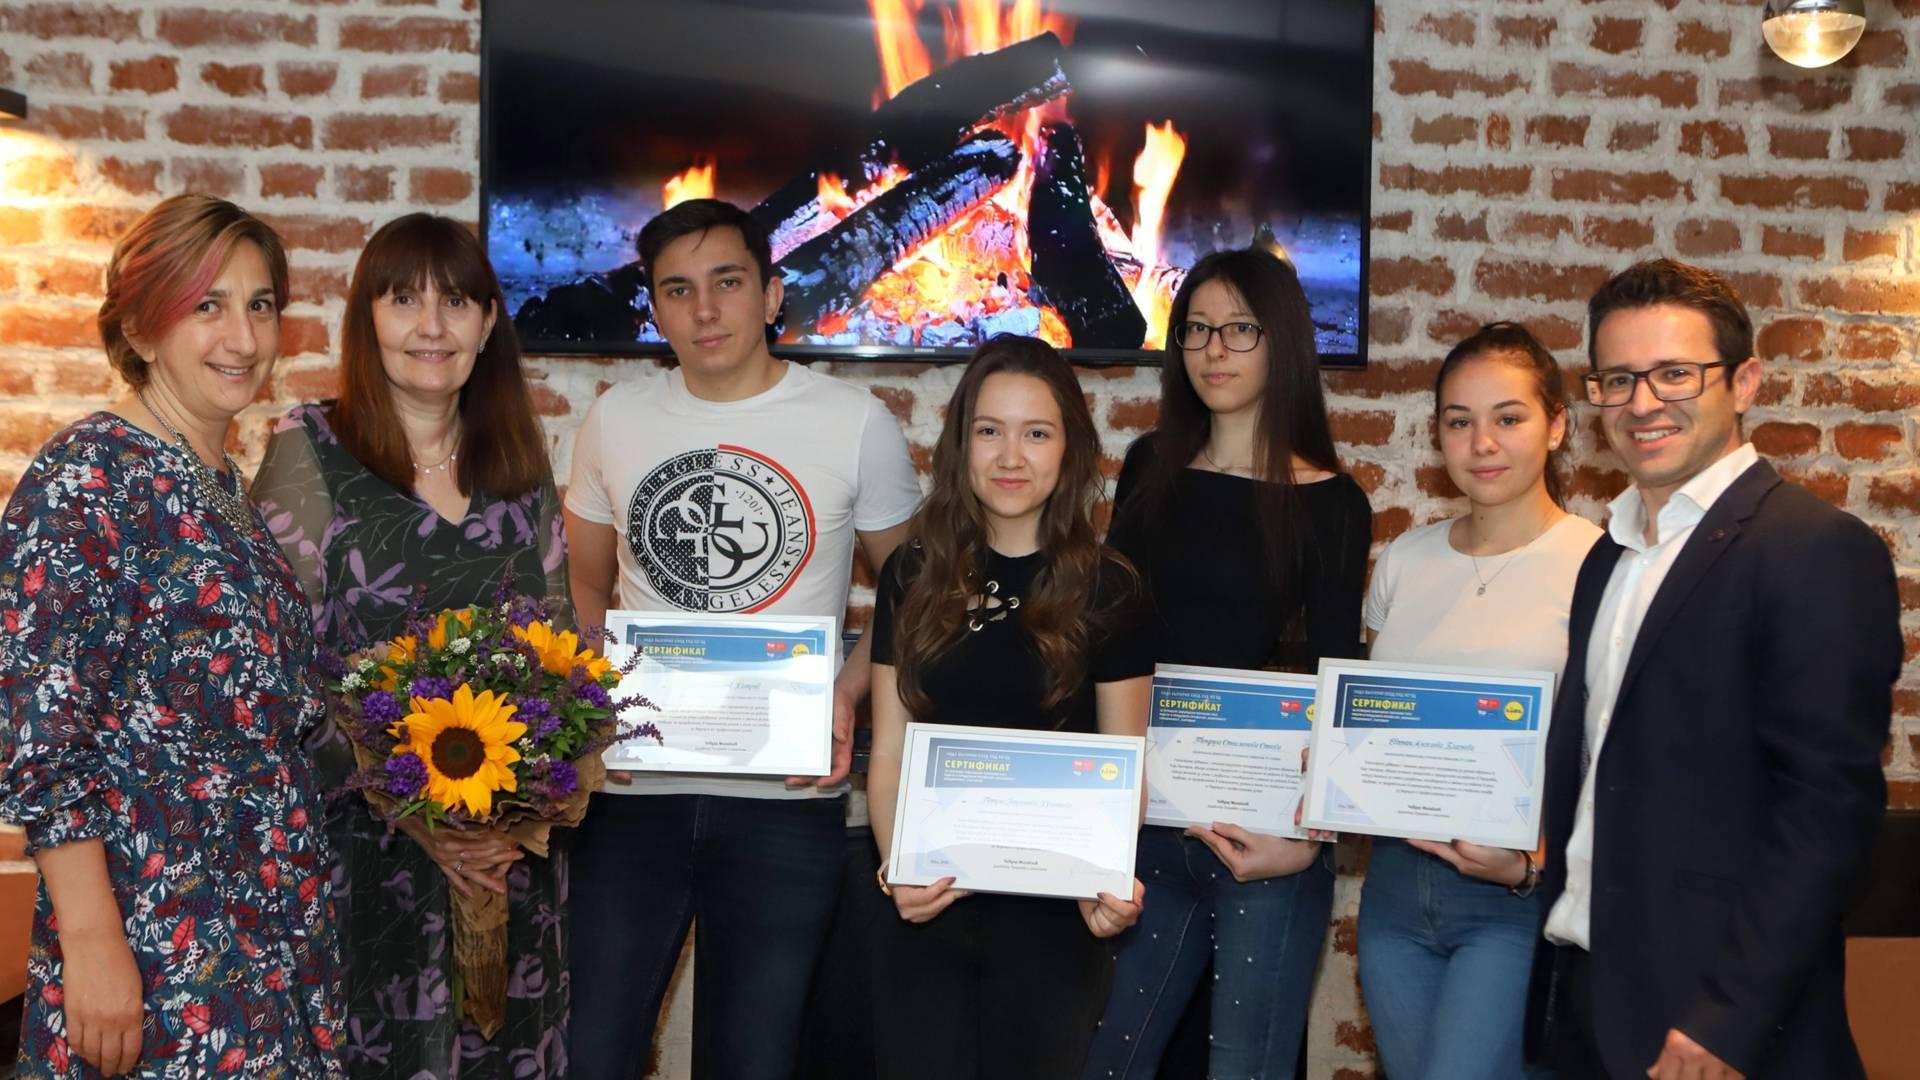 първи випуск дуално обучение получава своите сертификати за успешно завършване от Лидл България през две хиляди и двадесета година